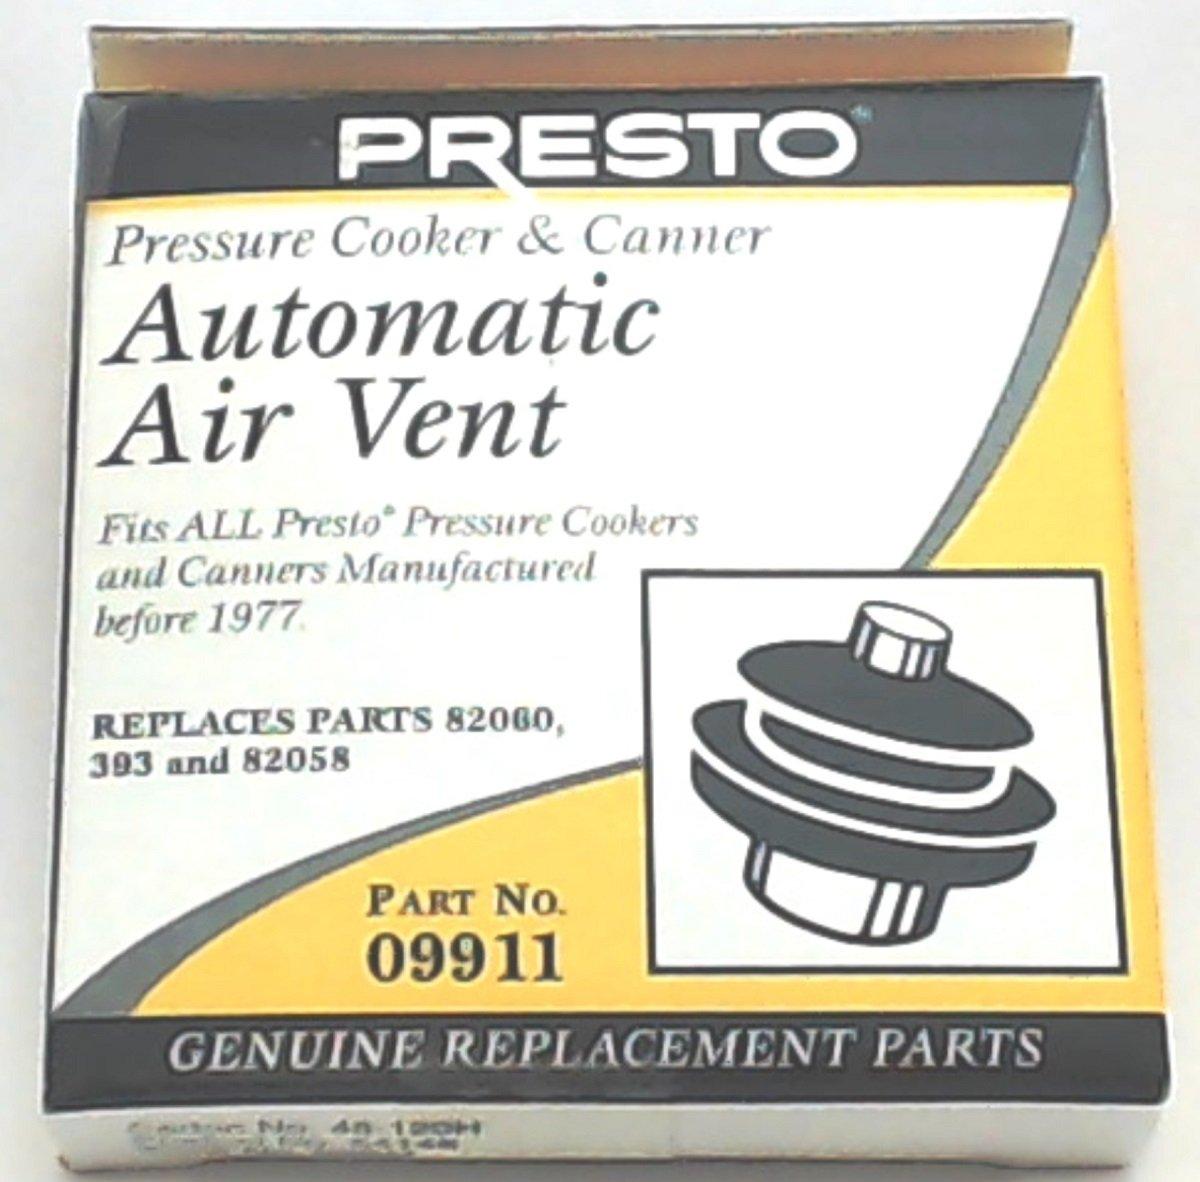 Presto Pressure Cooker/Pressure Canner Automatic Air Vent